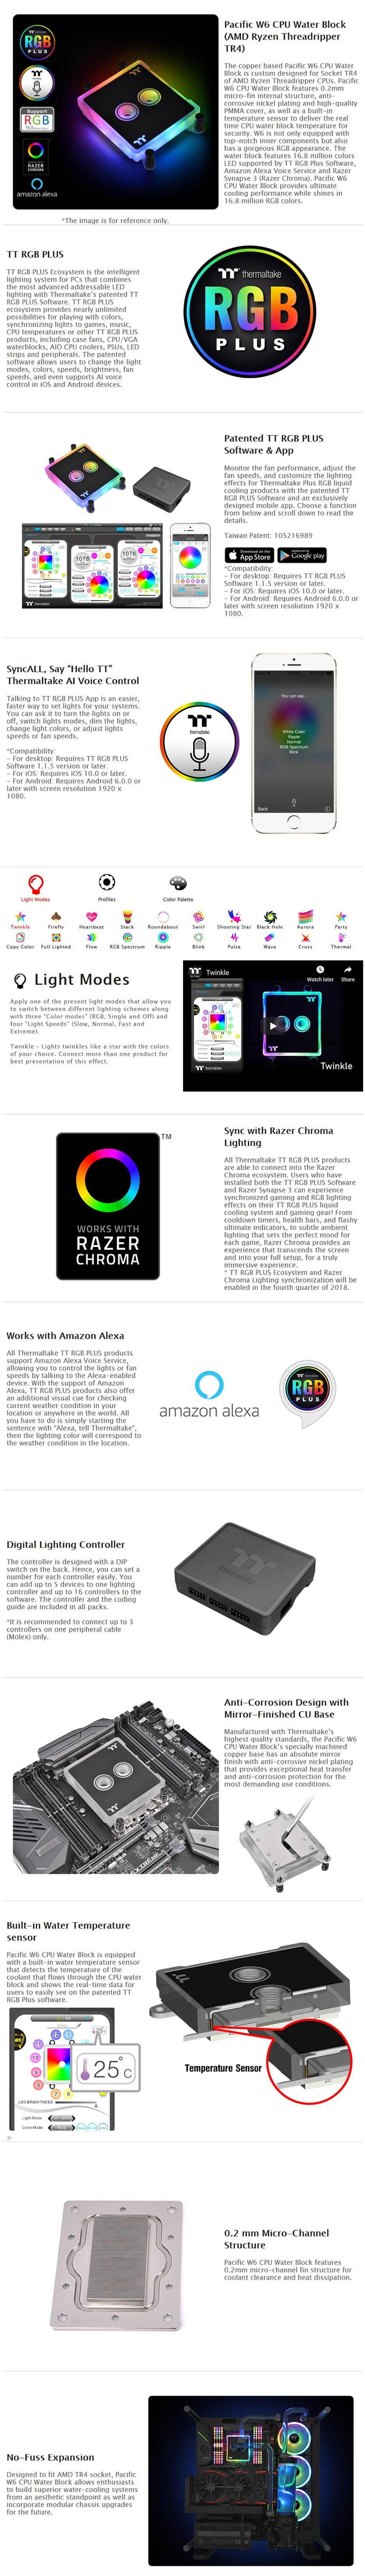 Thermaltake Pacific W6 CPU Water Block for AMD Ryzen TR4 - Desktop Overview 1